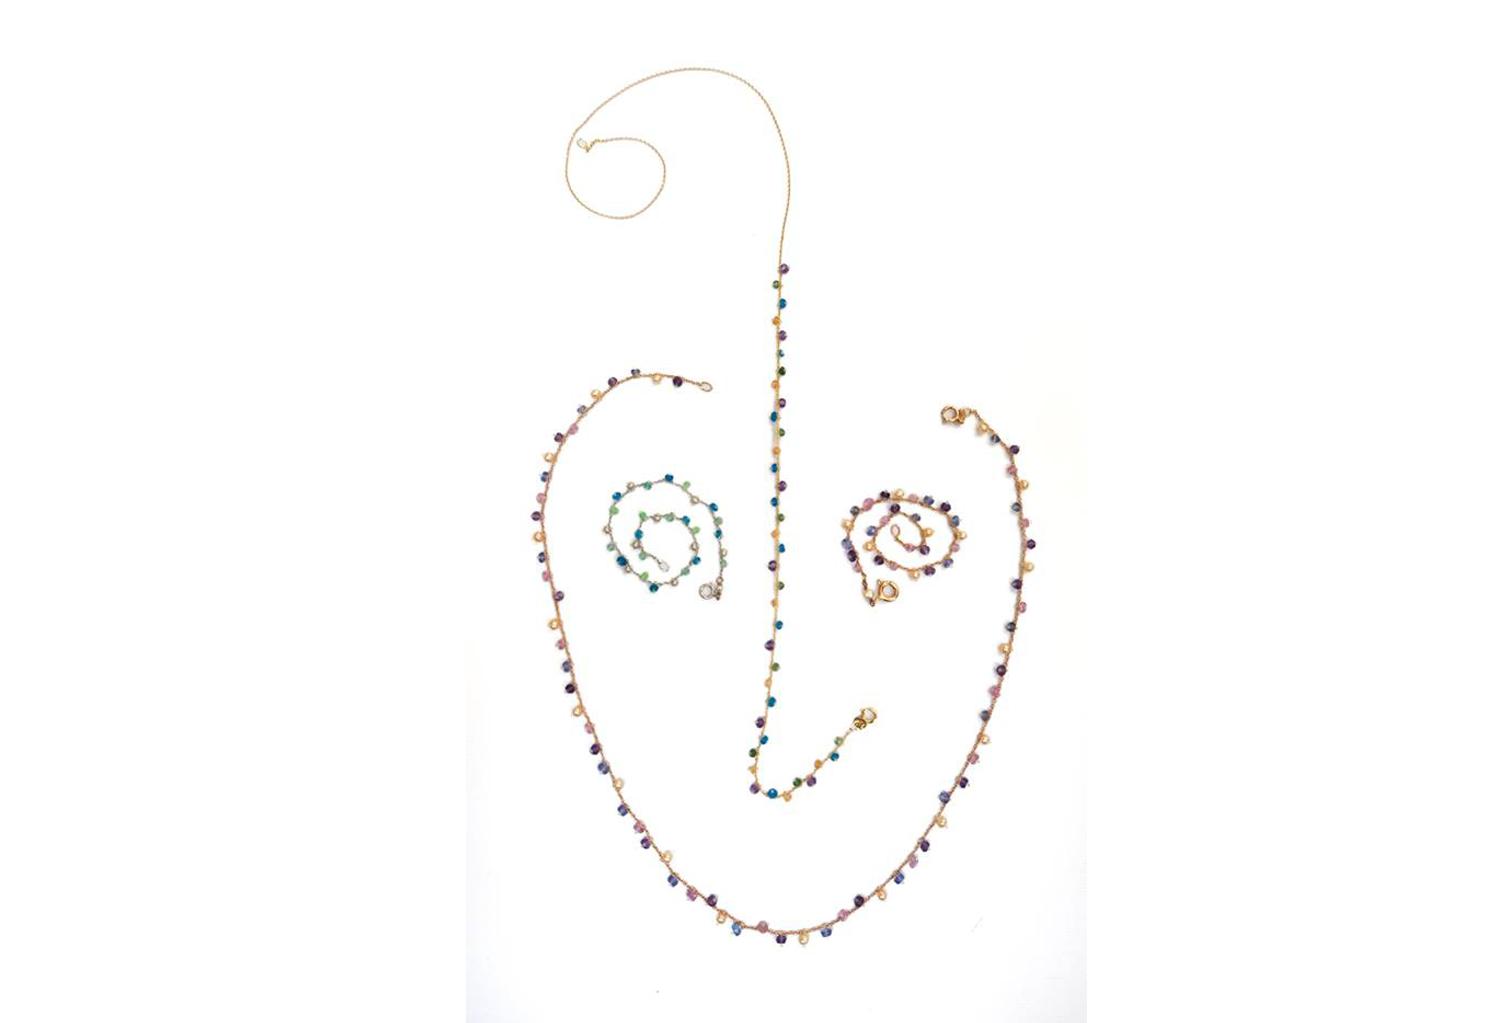 girocolli-braccialetti-e-anelli-della-linea-rugiada-realizzata-da-chiara-parra